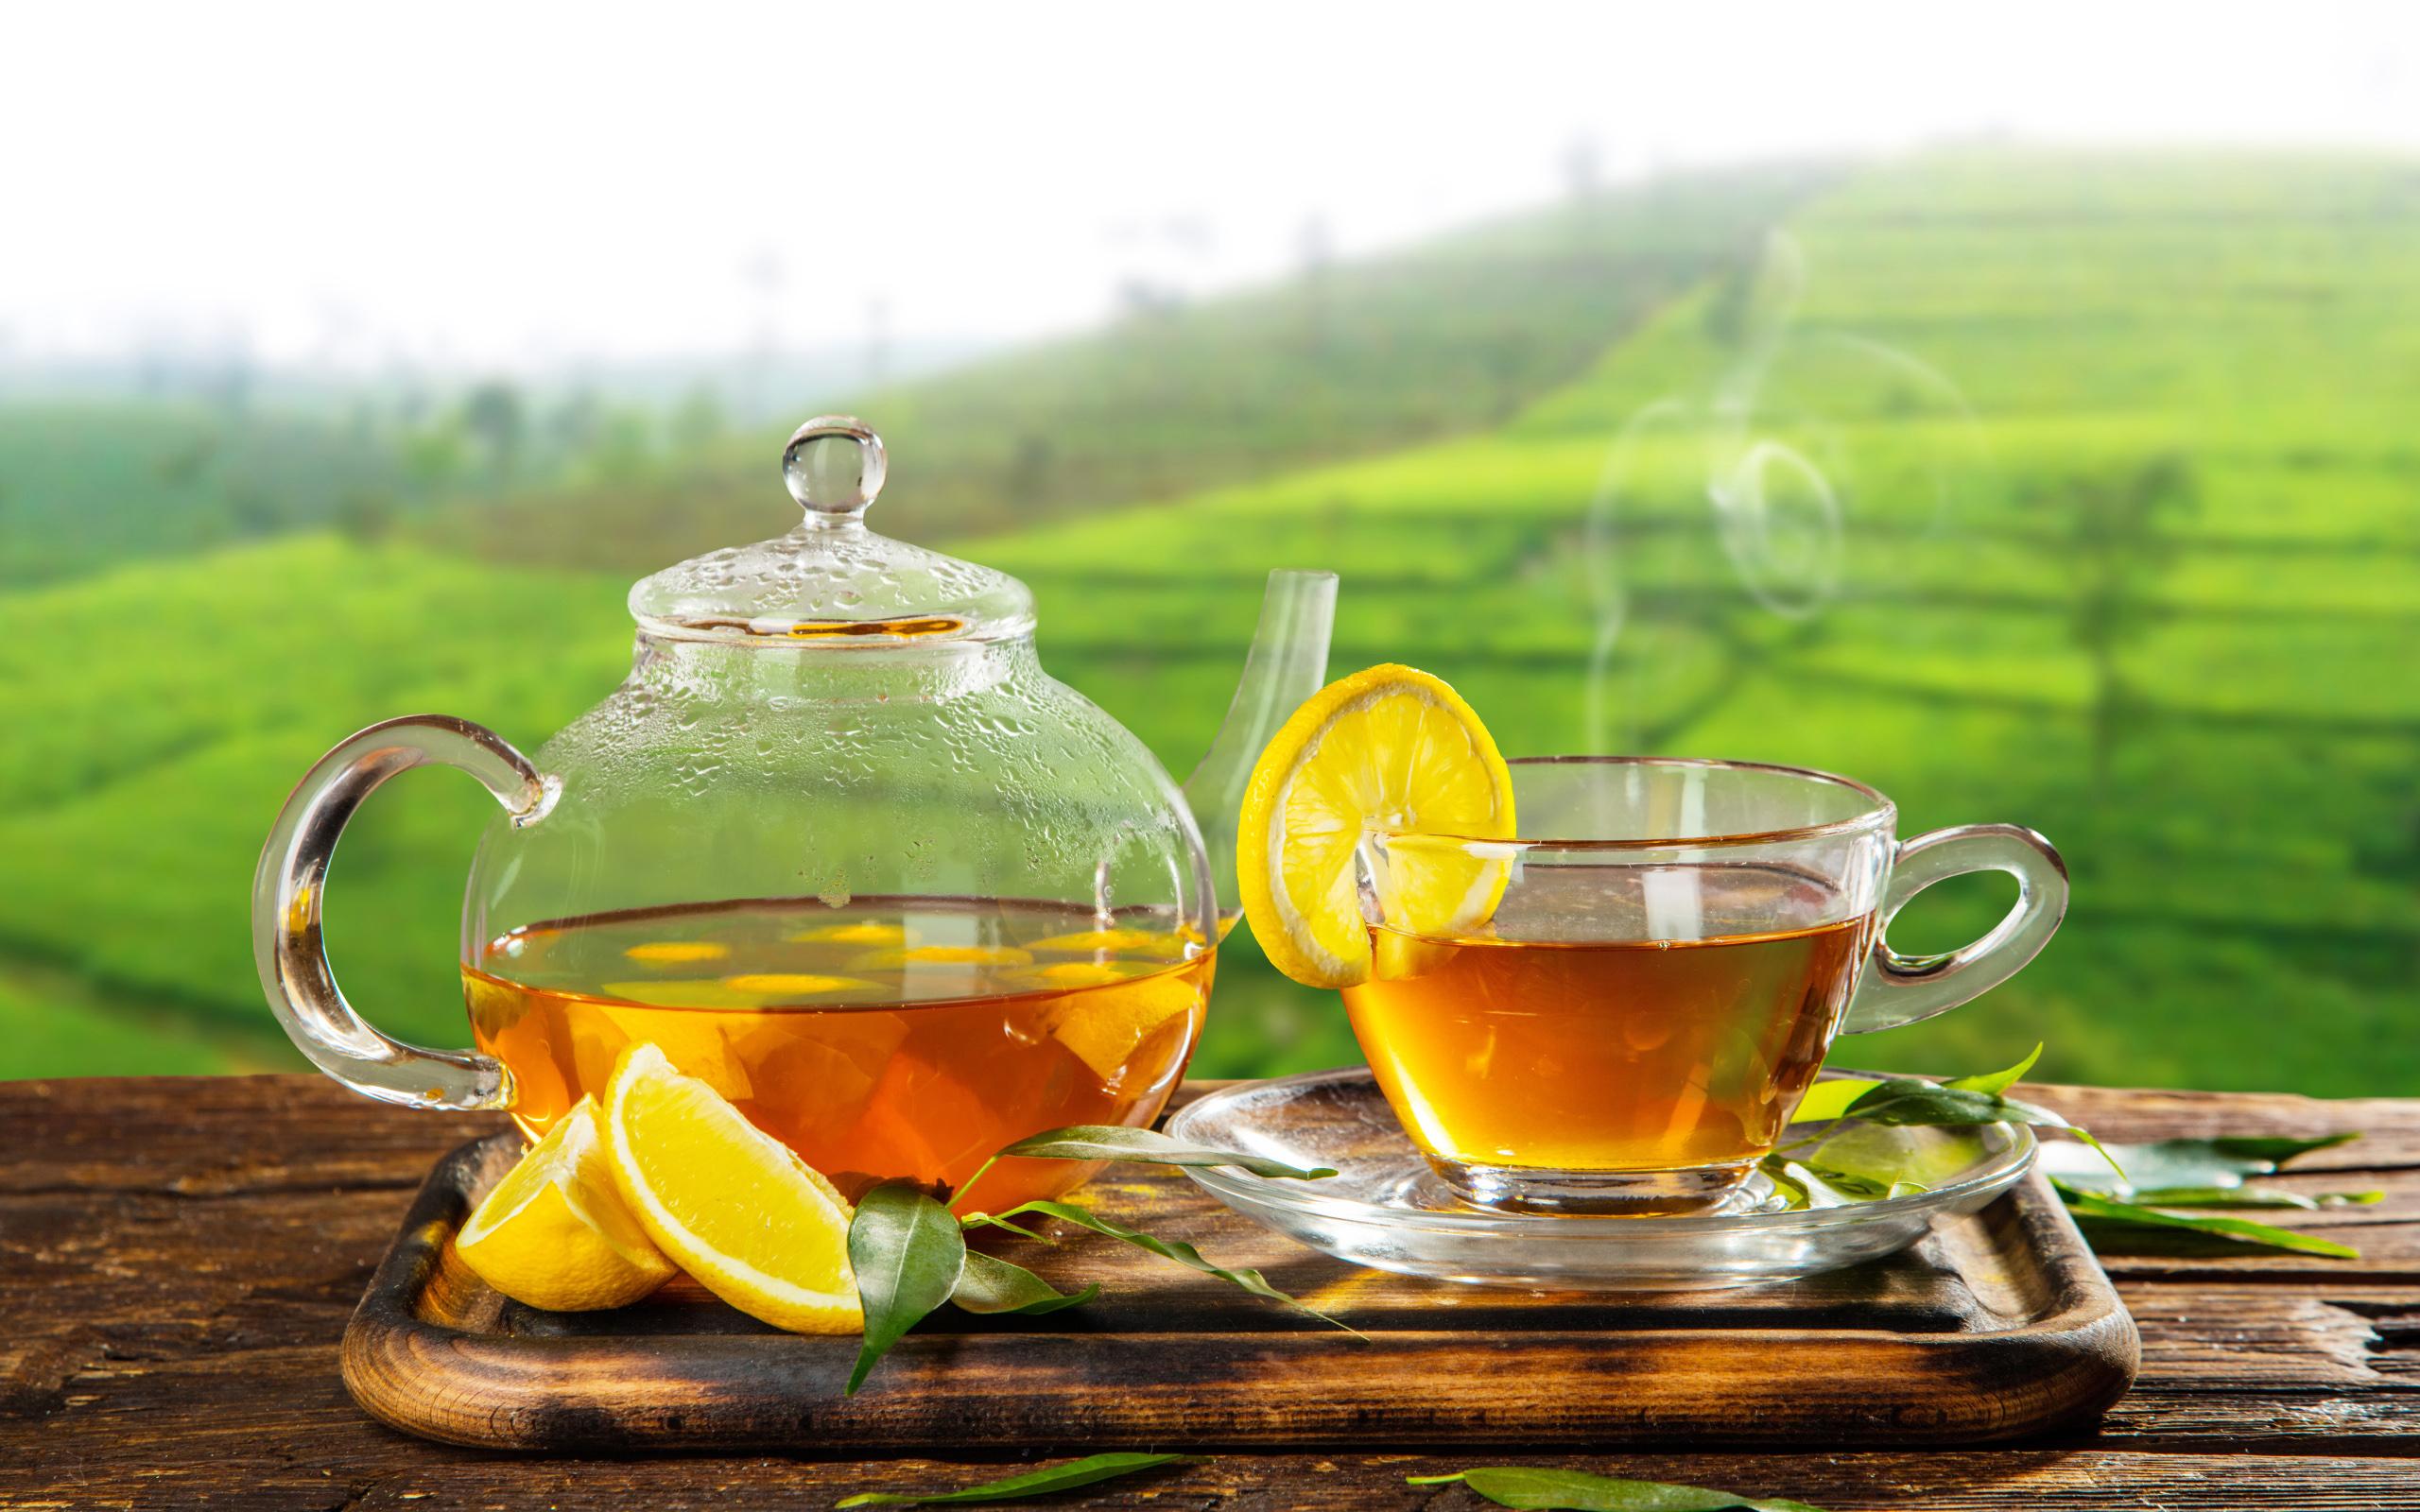 HDoboi.Kiev.ua - полезные напитки картинки, зеленый чай, лимон, поднос